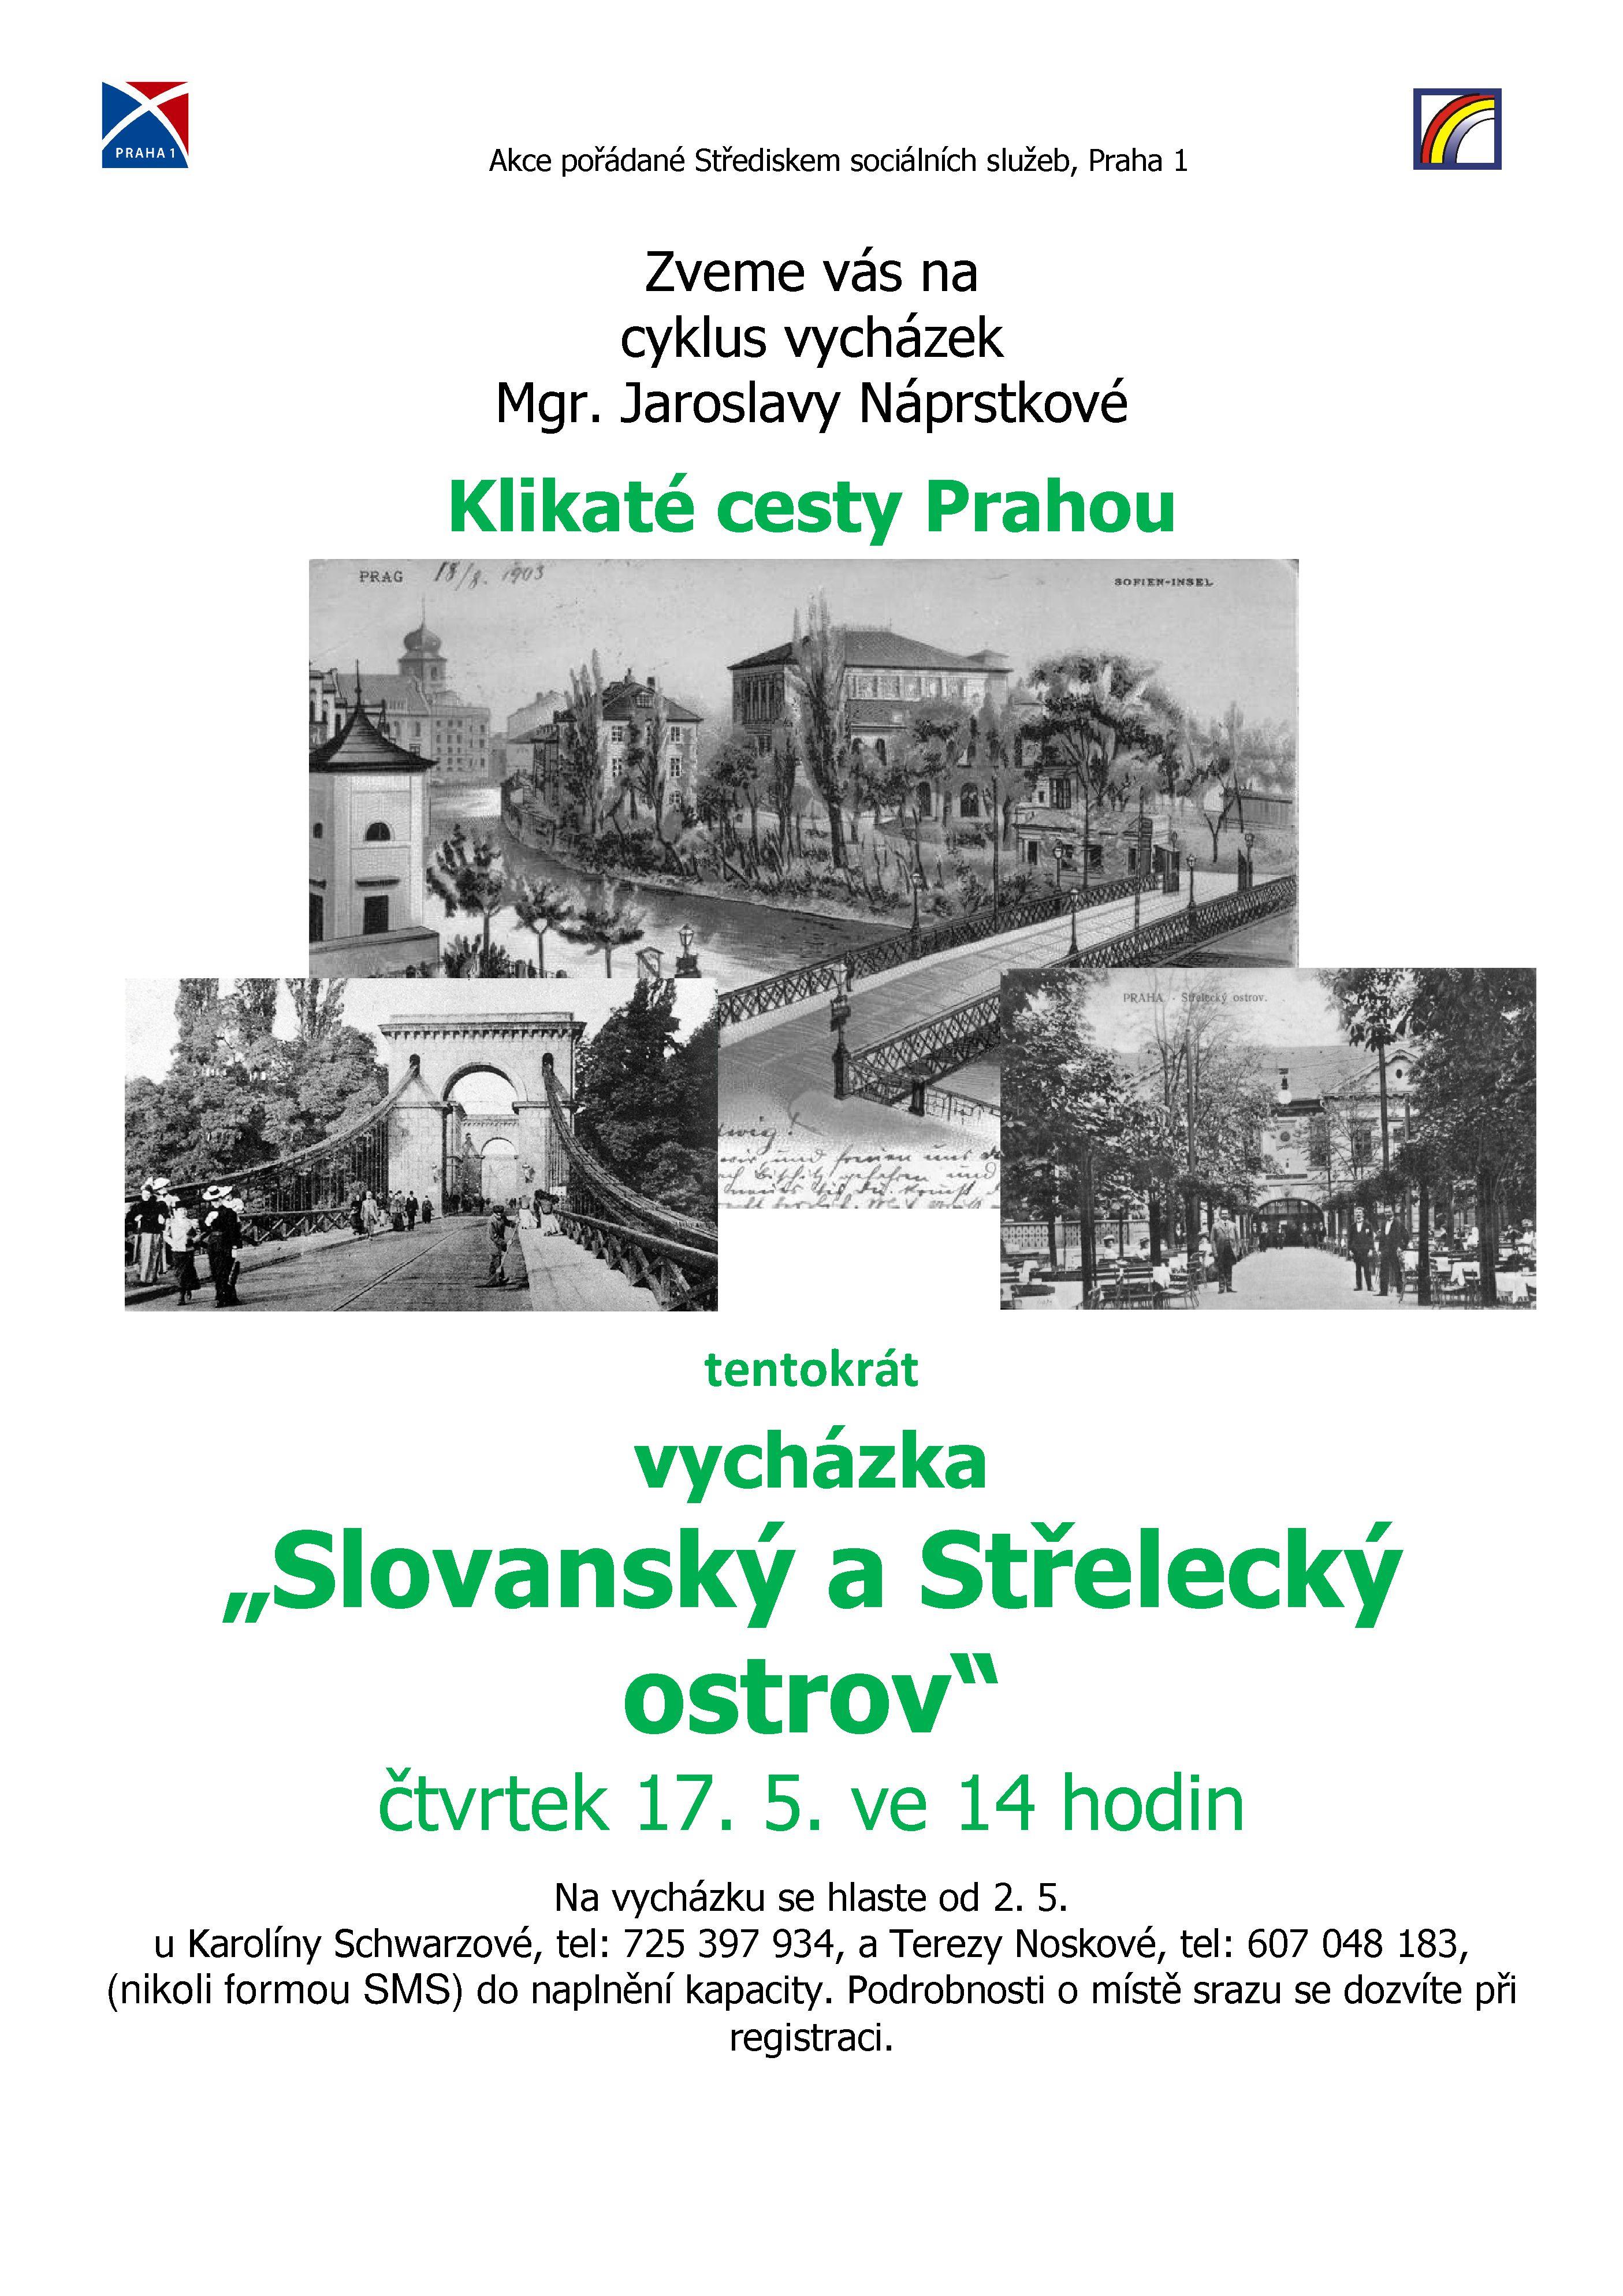 Vycházka Slovanský a Střelecký ostrov 17.5.2018